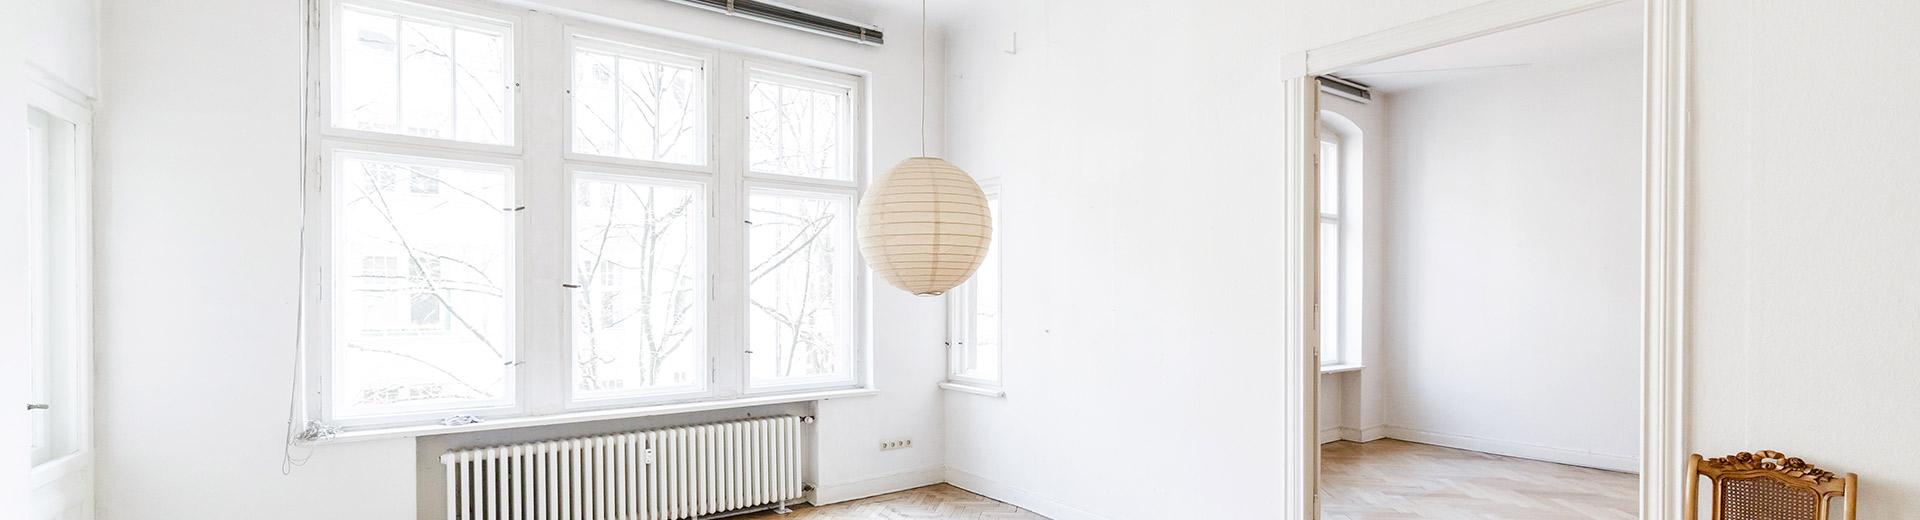 Engelhardt Immobilien Eigentumswohnung lichtdurchflutetes Zimmer